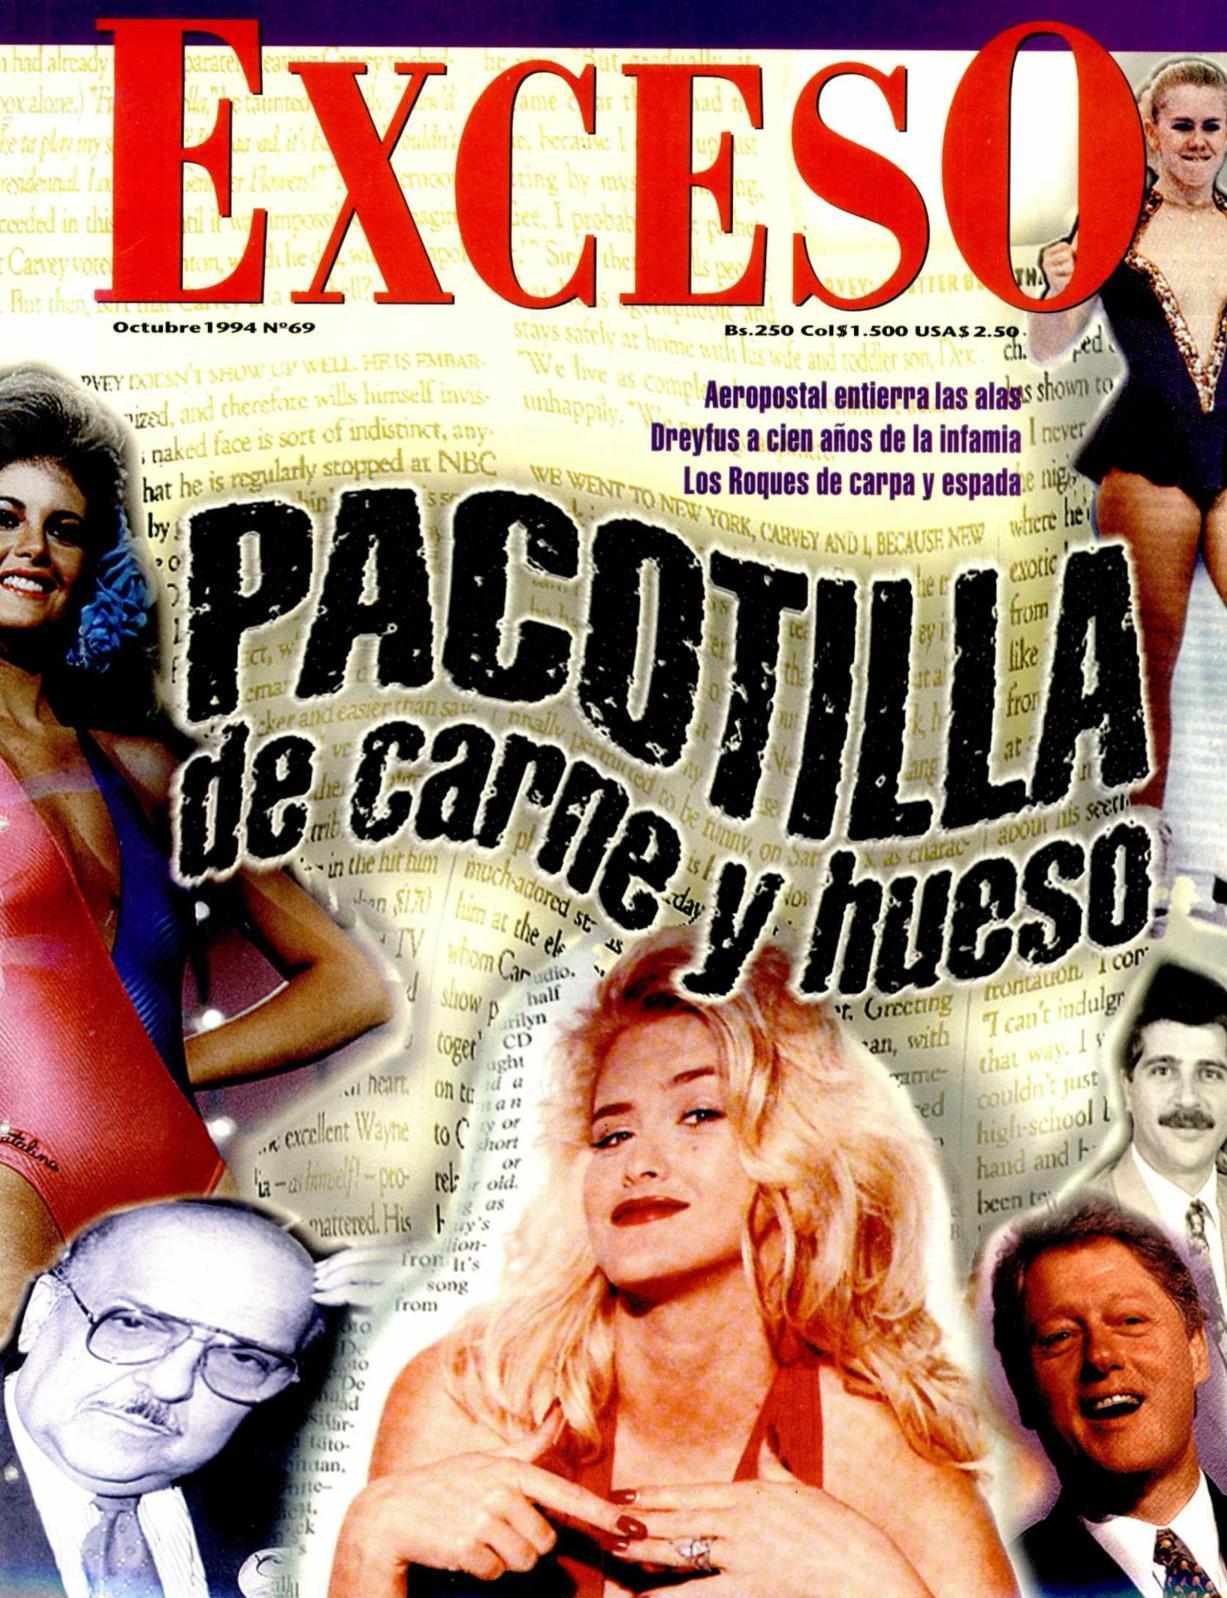 aebfc6883 Calaméo - REVISTA EXCESO EDICION Nº 69 OCTUBRE 1994